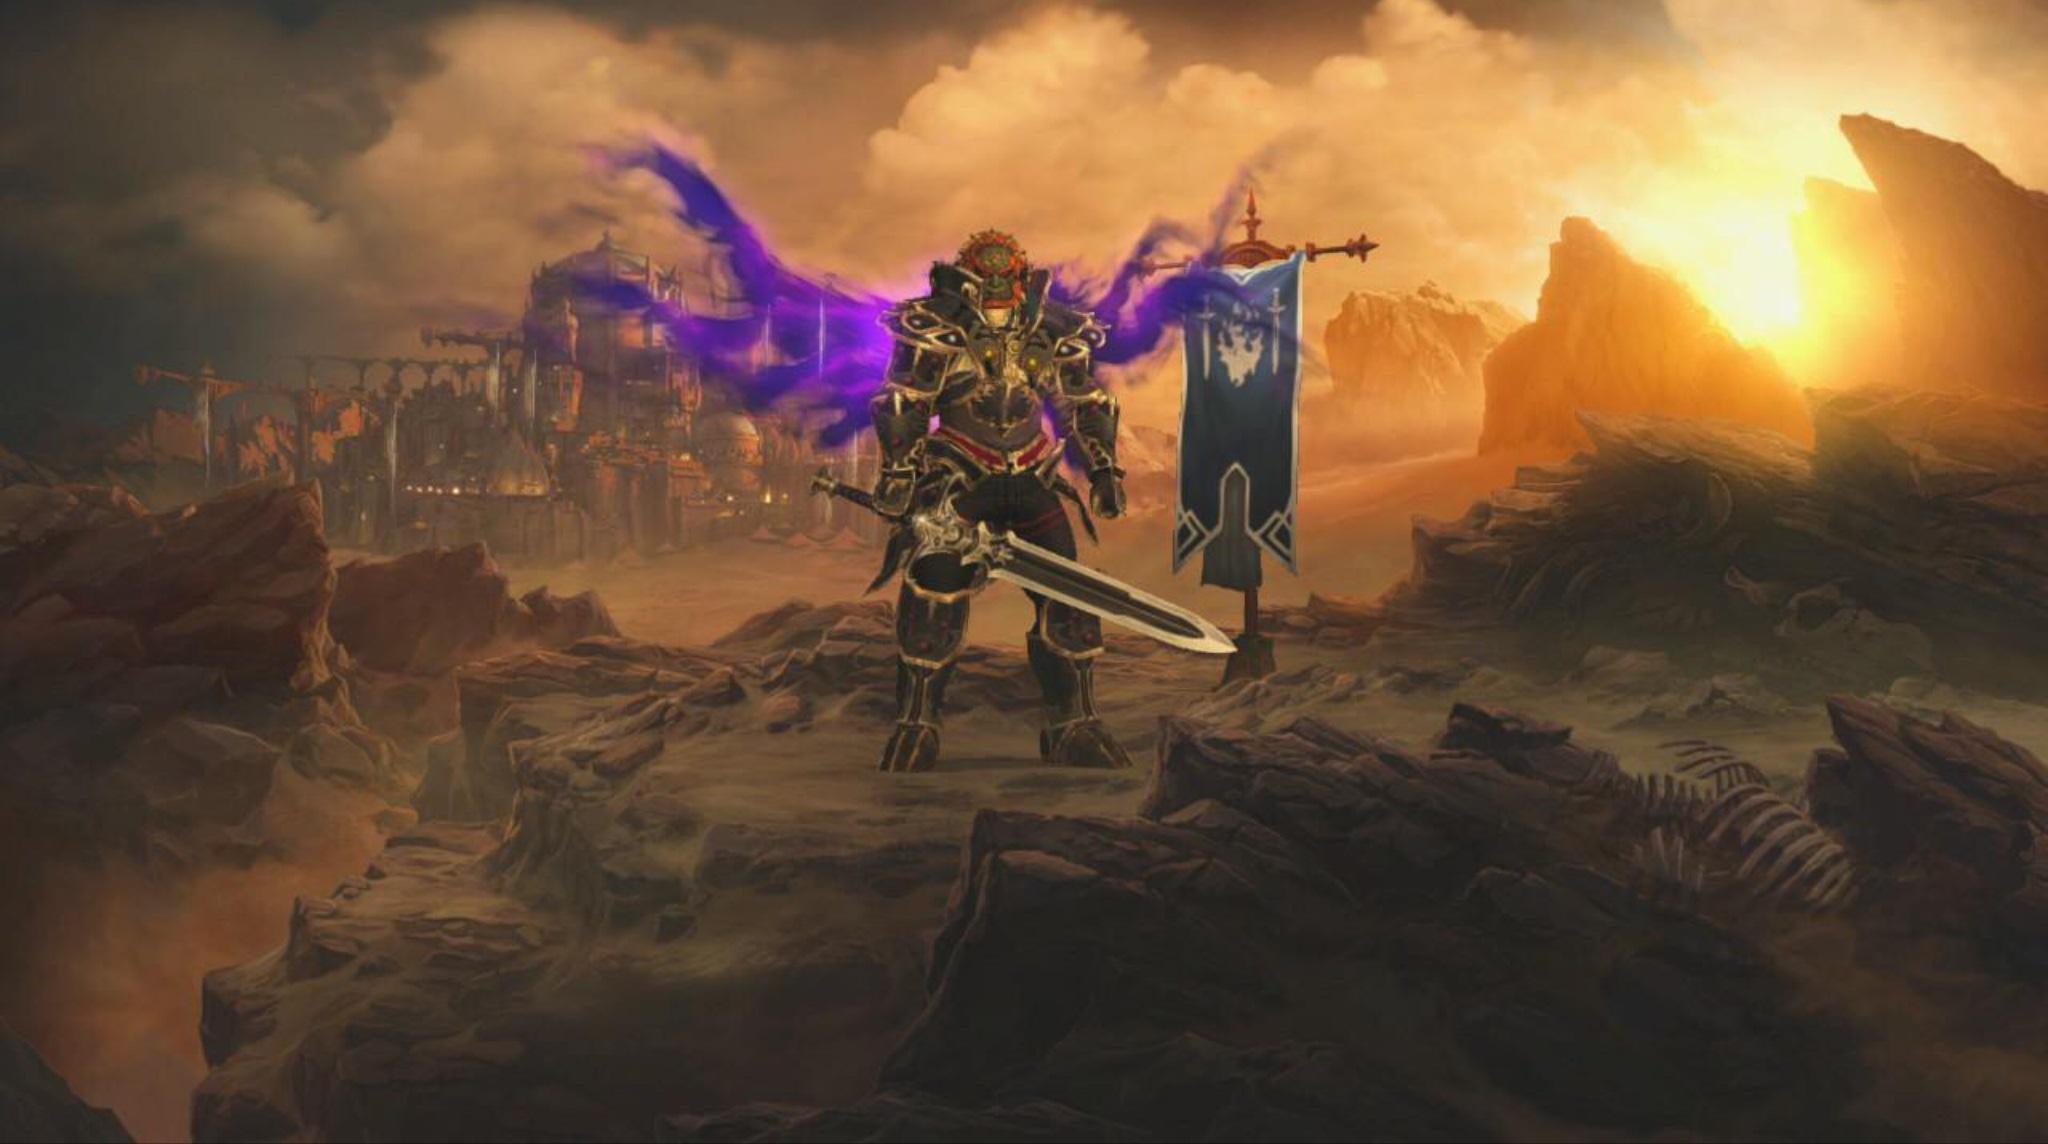 Diablo Iii Coleccion Eterna Trae El Infierno Y La Leyenda De Zelda